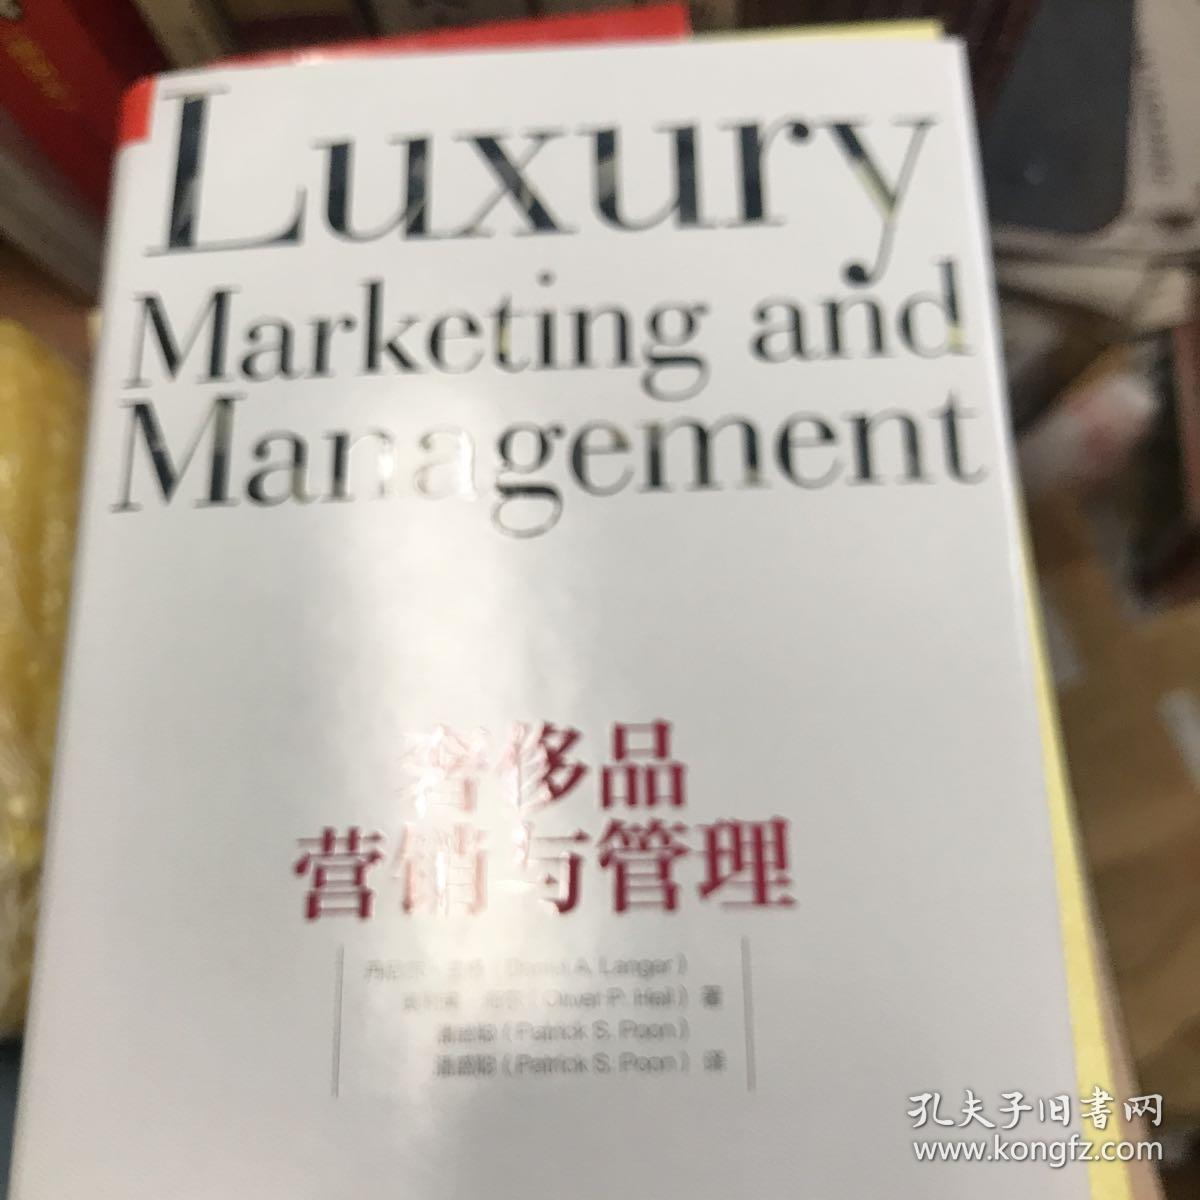 奢侈品营销与管理